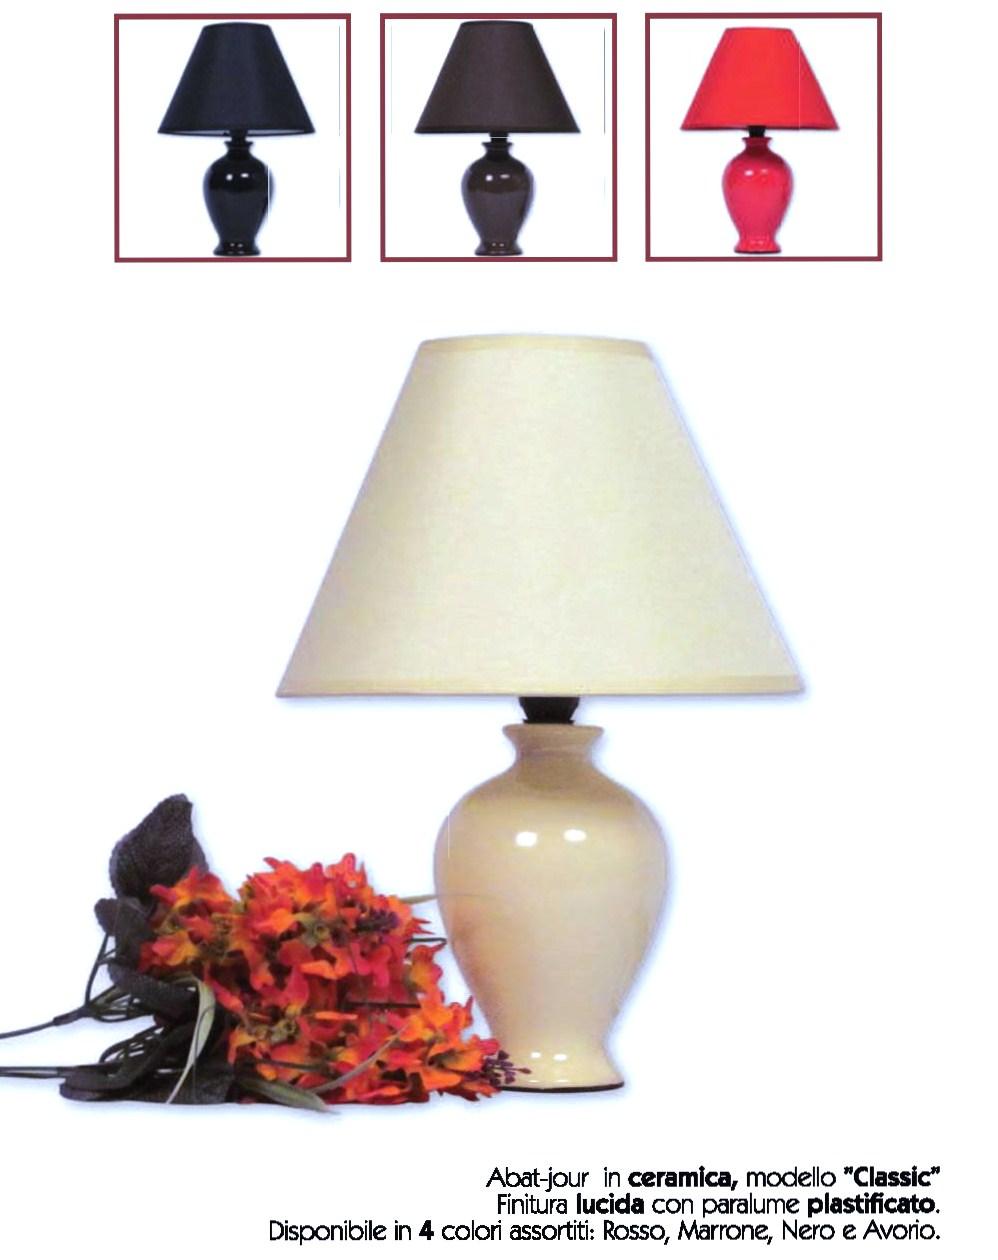 Abat jour in ceramica modello classic idea di casa - Casa abat jour ...